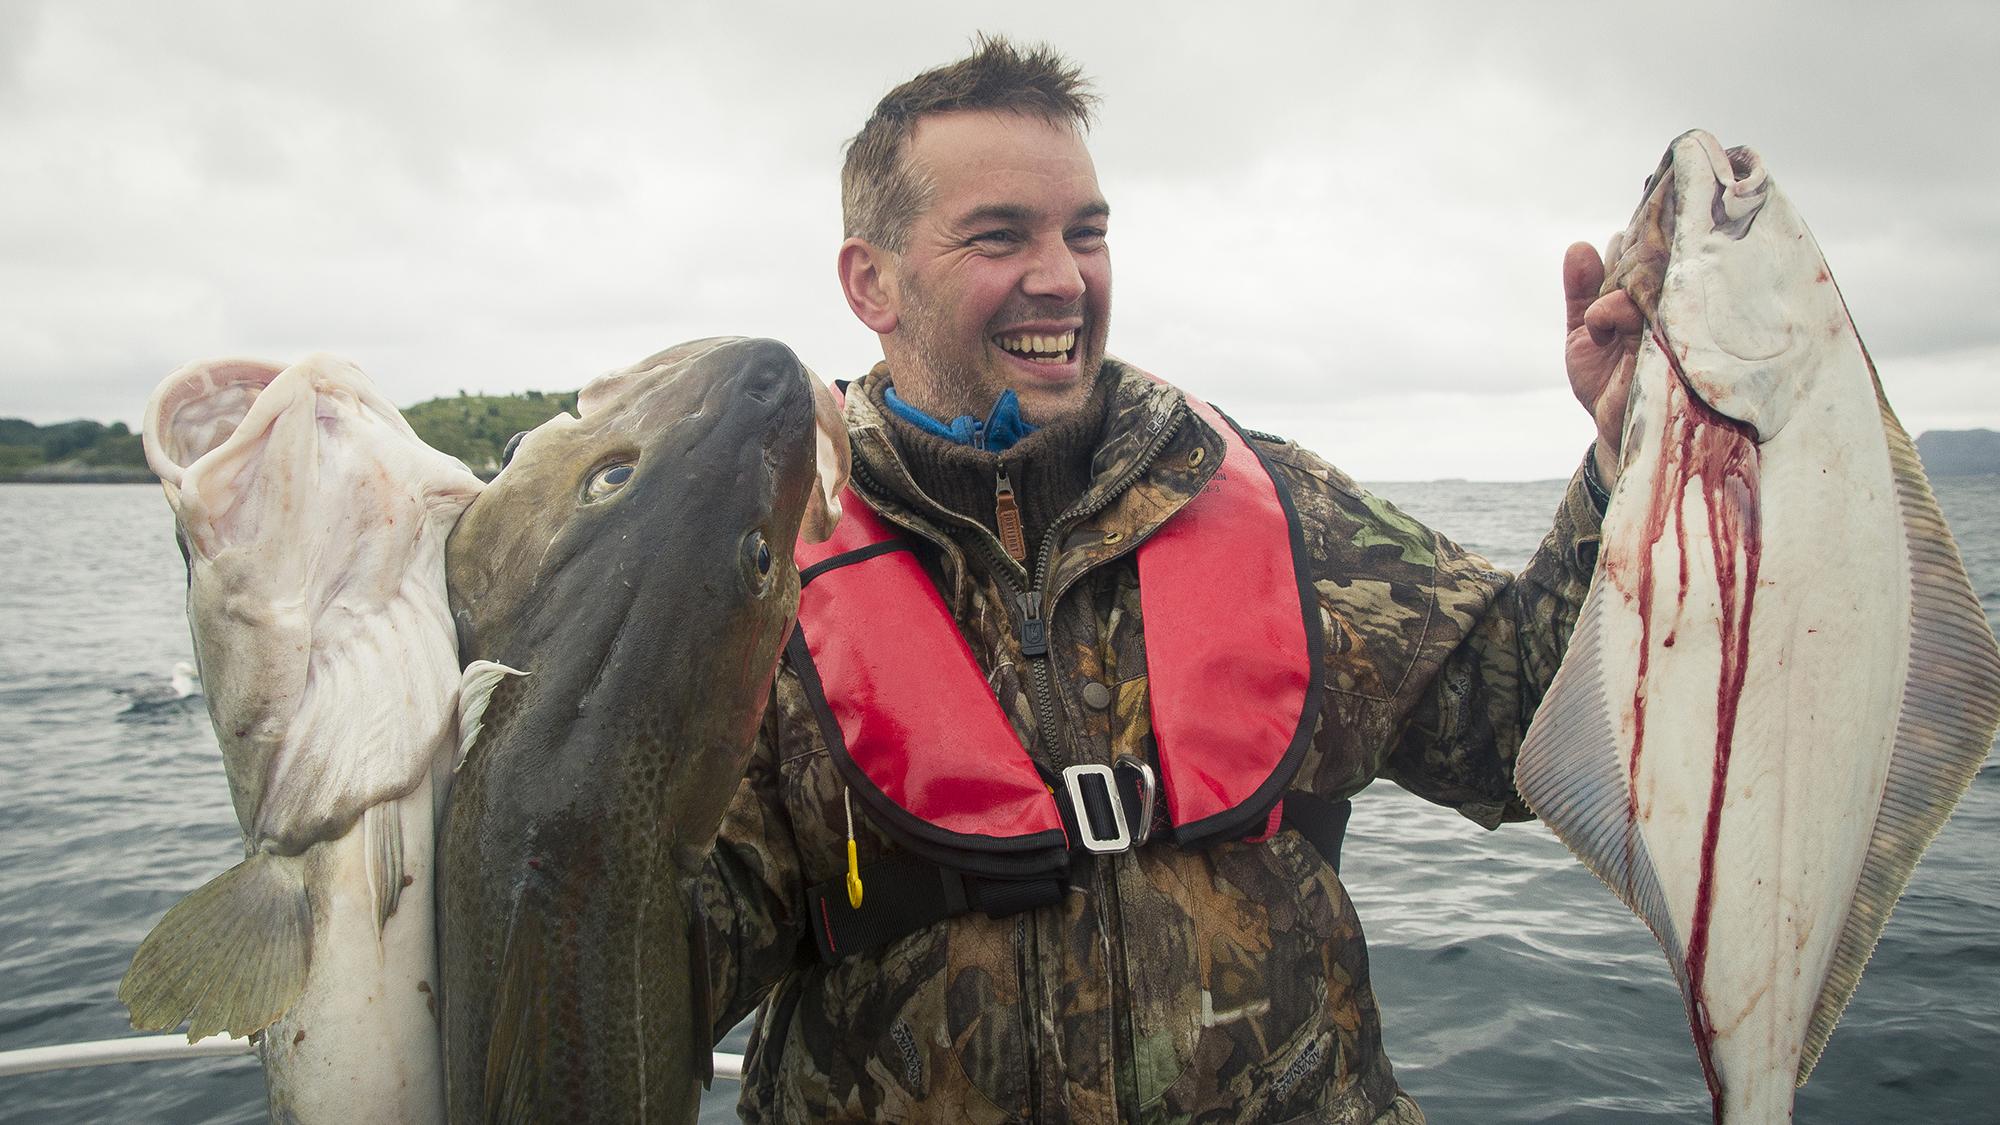 Havfiske på kysten av Trøndelag. Foto: Søderholm-Steen /trondelag.com